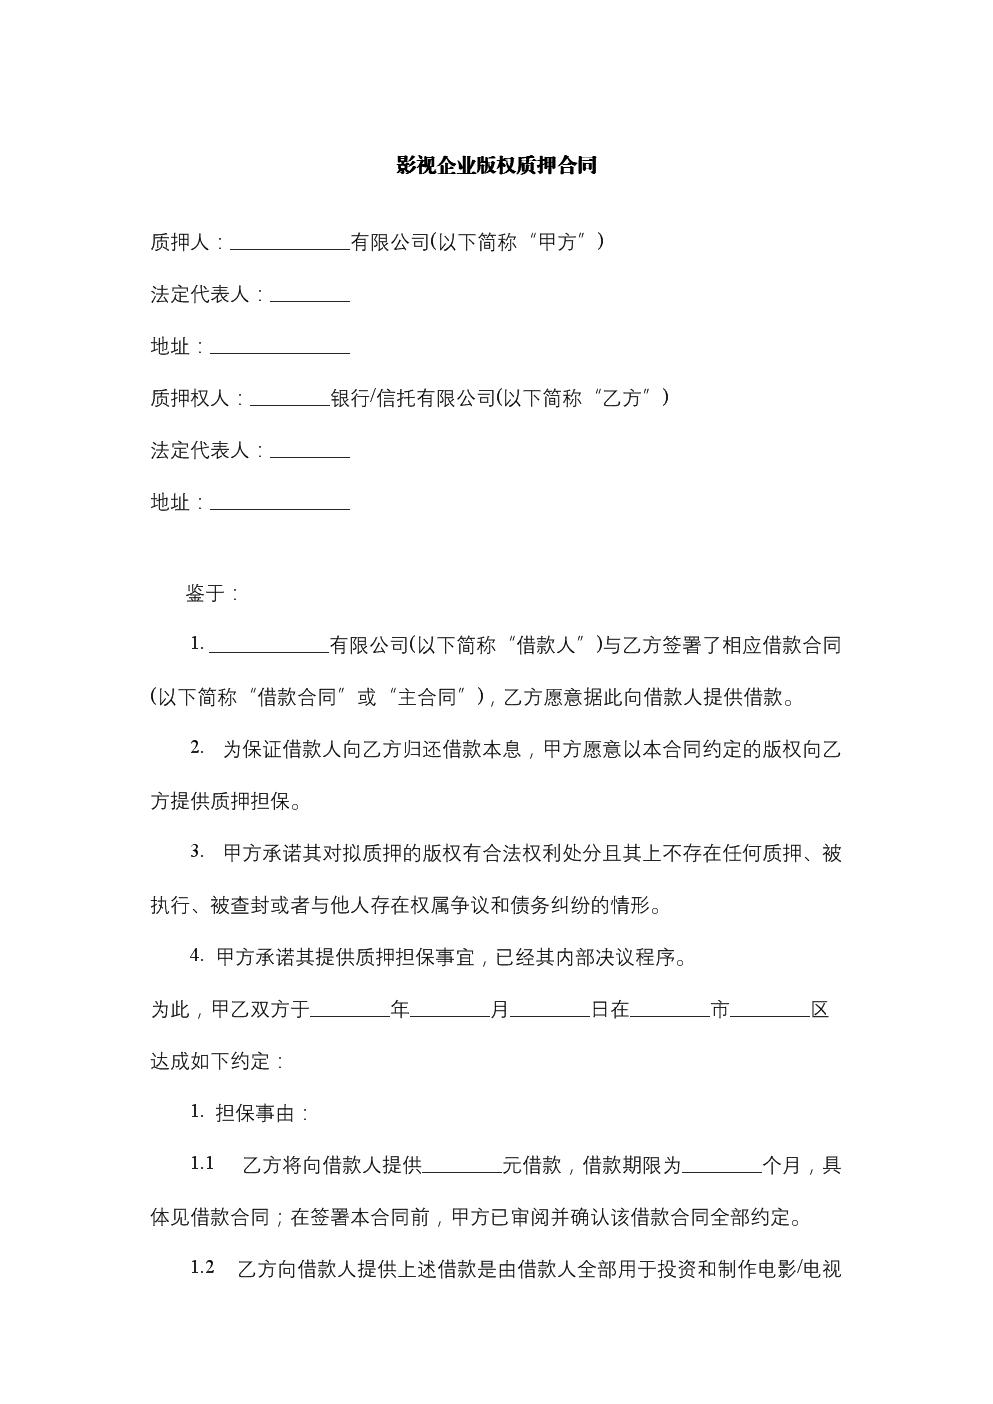 影视企业版权质押合同.docx